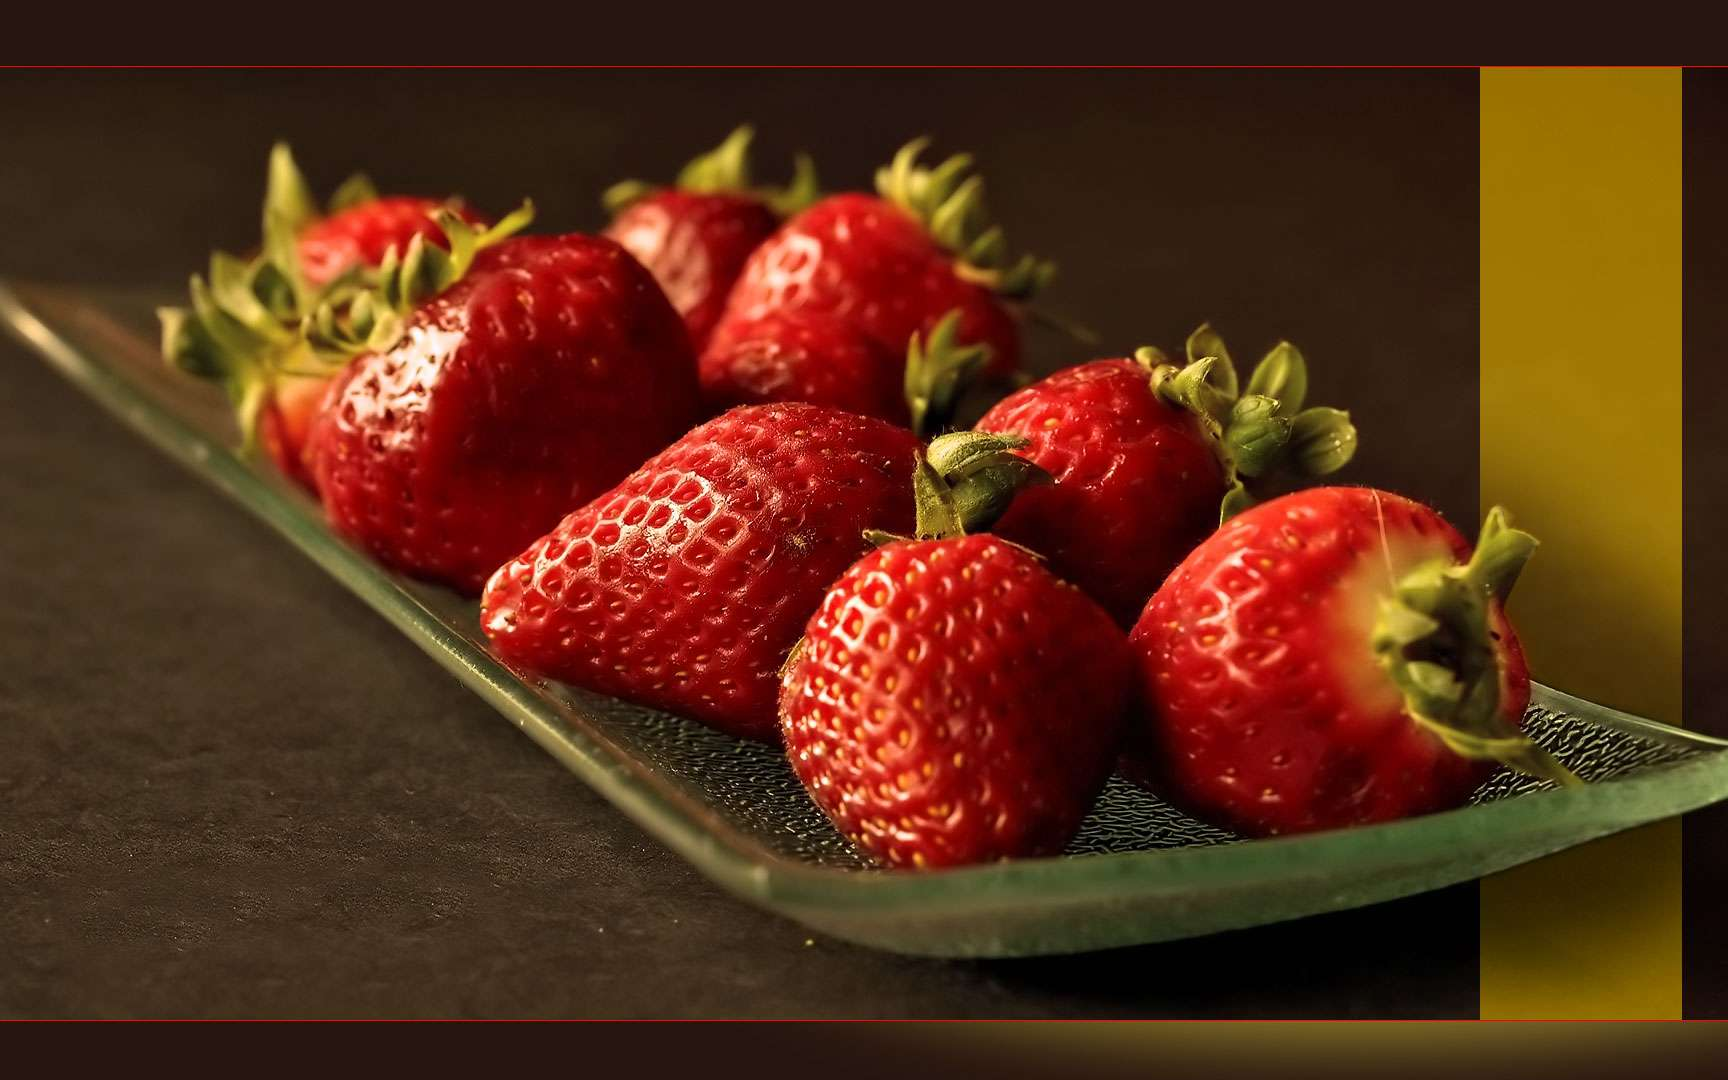 La fraise Gariguette, issue du croisement des variétés Belrubi et Favette. La variété très appréciée de fraise Gariguette a été obtenue à l'Inra par croisement entre les variétés Belrubi et Favette en 1976. © YannGarPhoto, CC by-nc 2.0